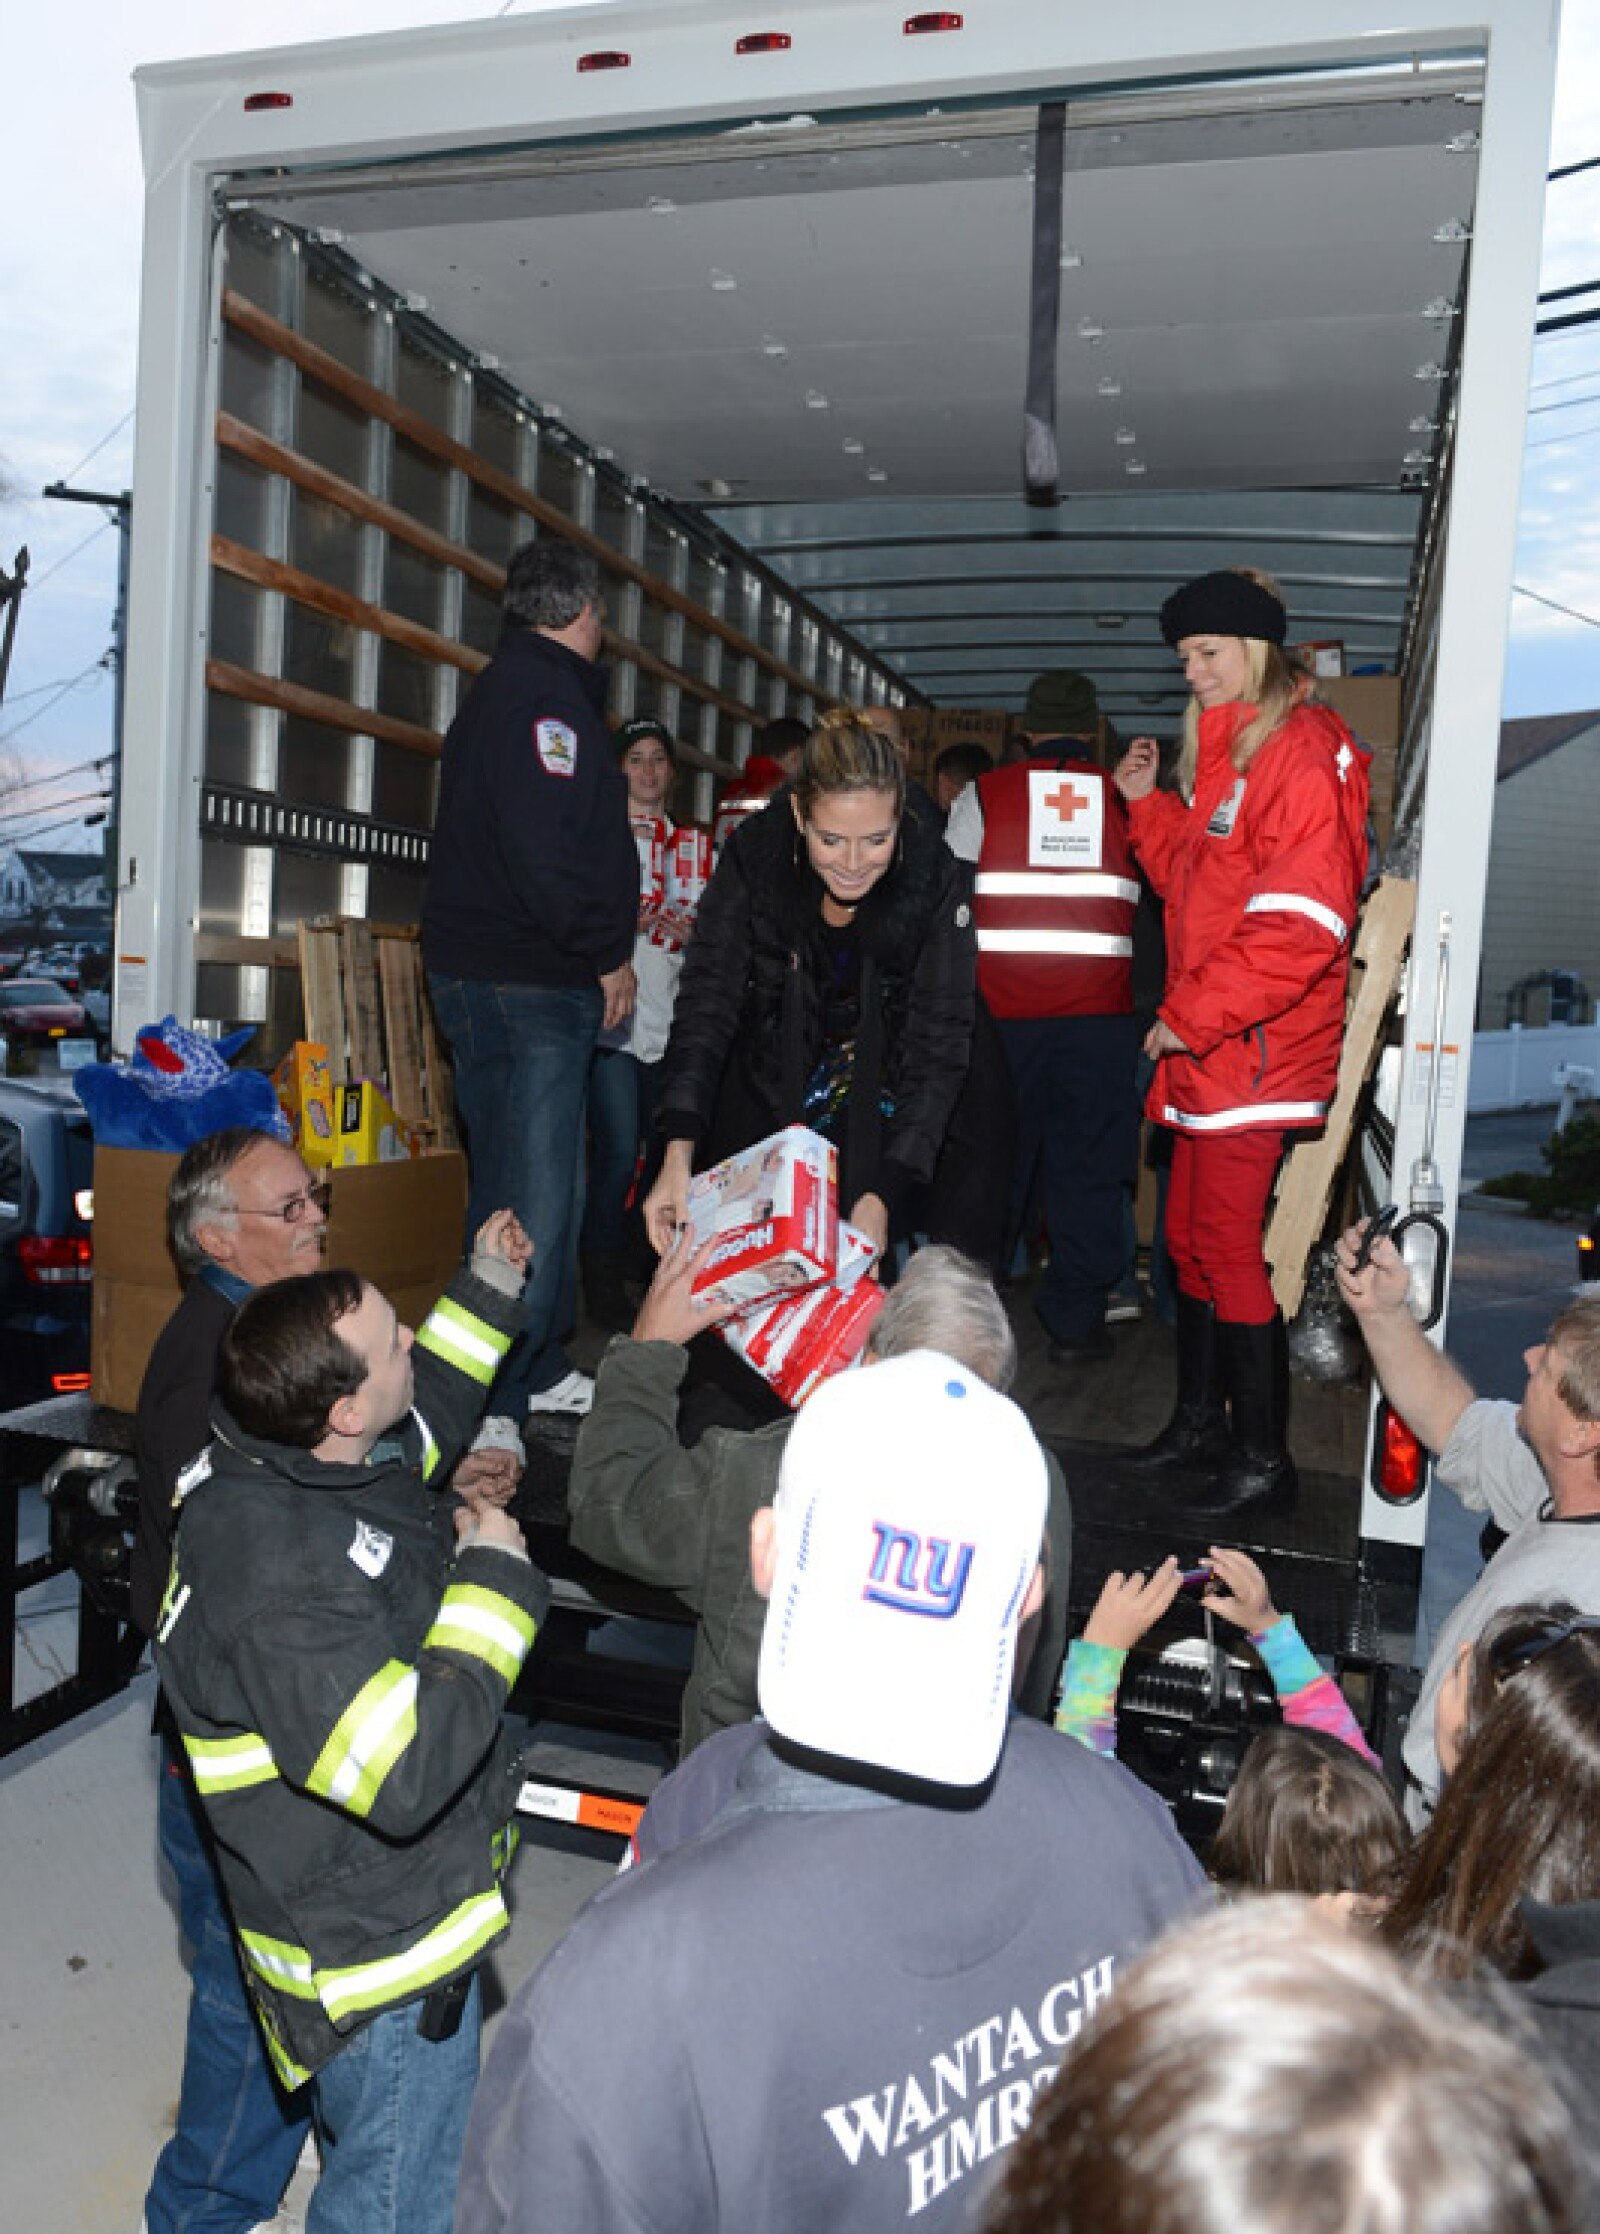 Heis¡di Klum ayuda a los damnificados del huracán Sandy.